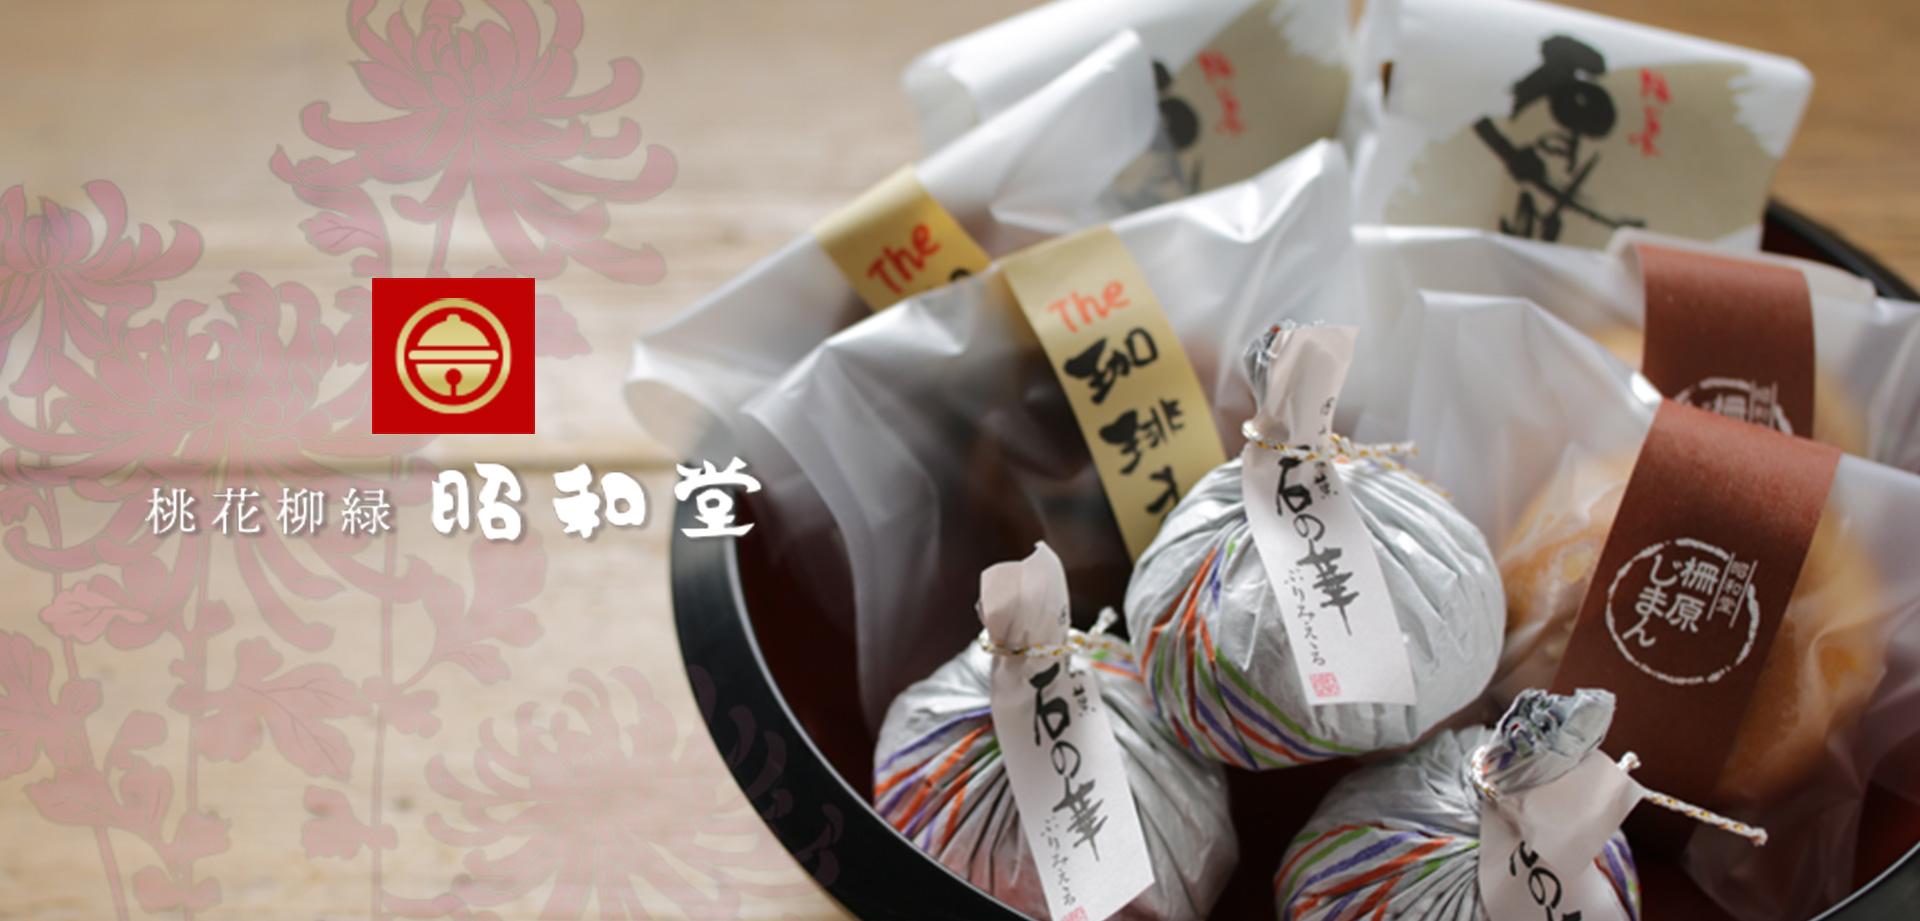 美咲町の和菓子屋さん 昭和堂